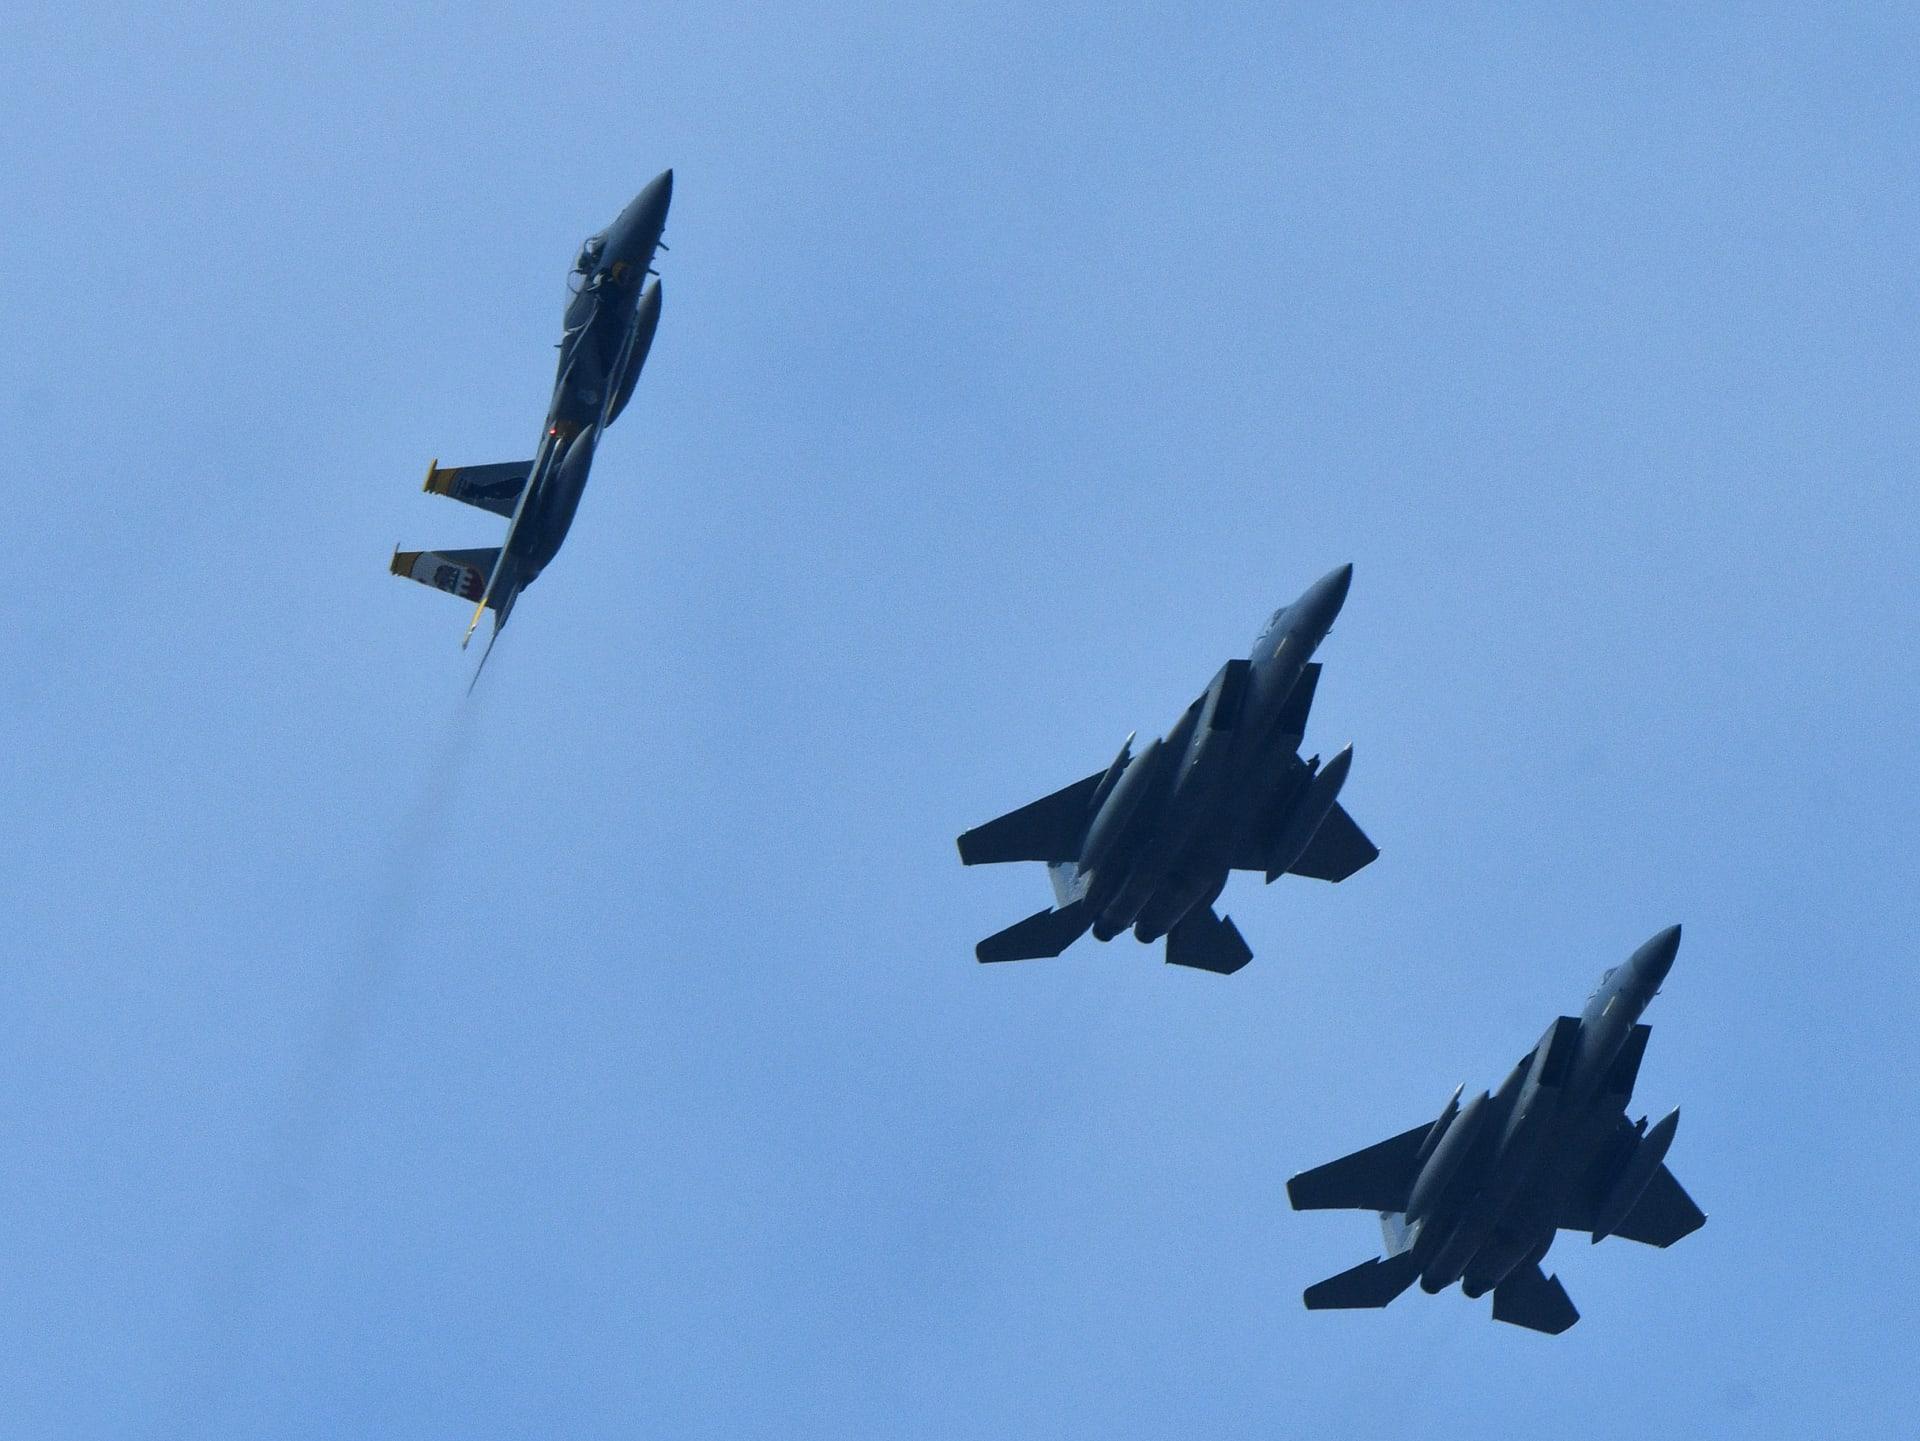 بعد استهداف قاعدة تضم قوات أمريكية... البنتاغون: نفذنا ضربات جوية ضد 5 مواقع لحزب الله العراقي